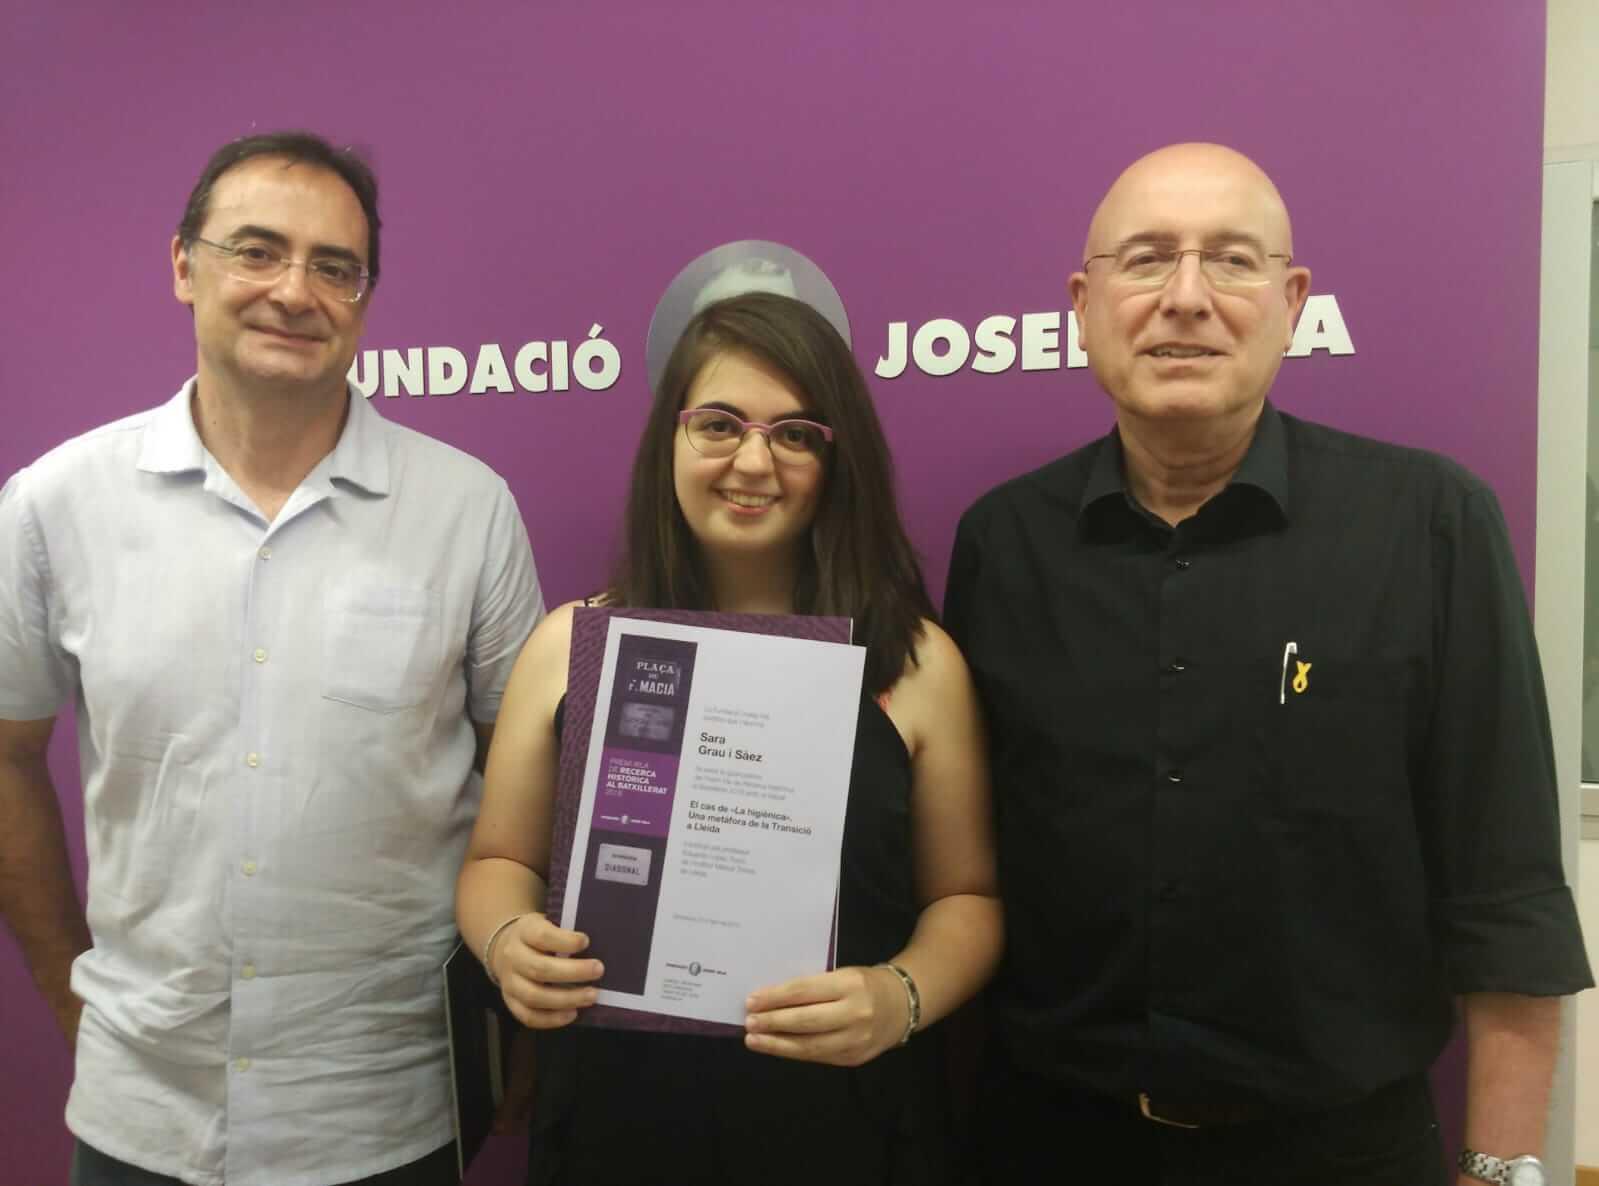 Eduardo López, Sara Grau i Joan Manuel Tresserras